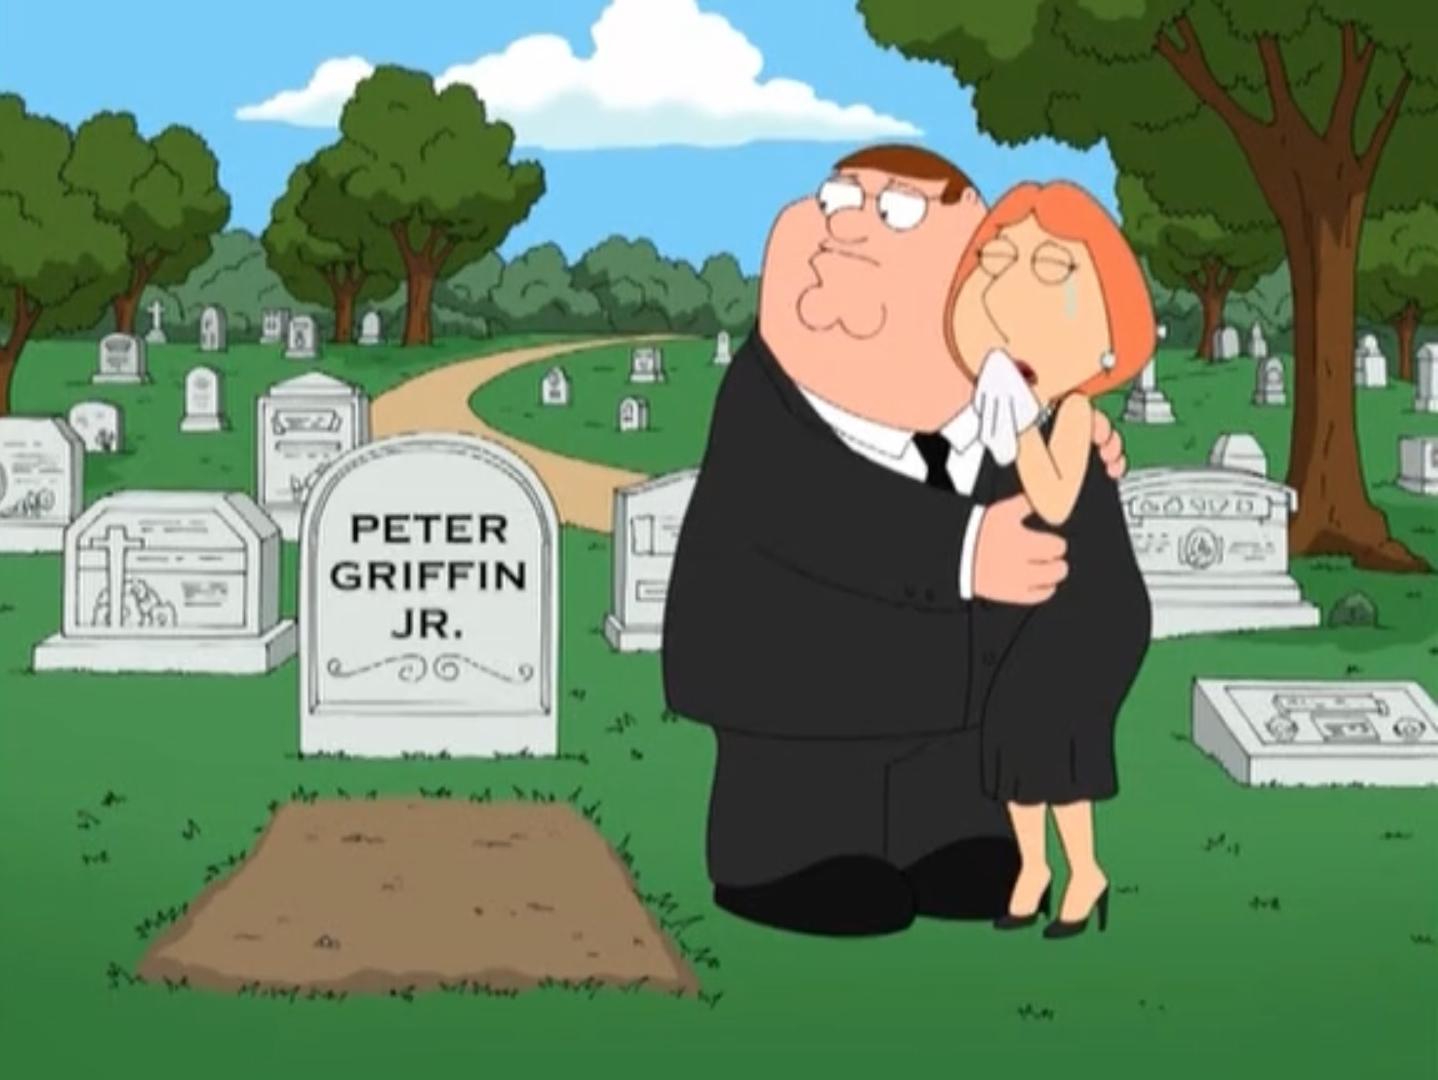 Peter Griffin Junior